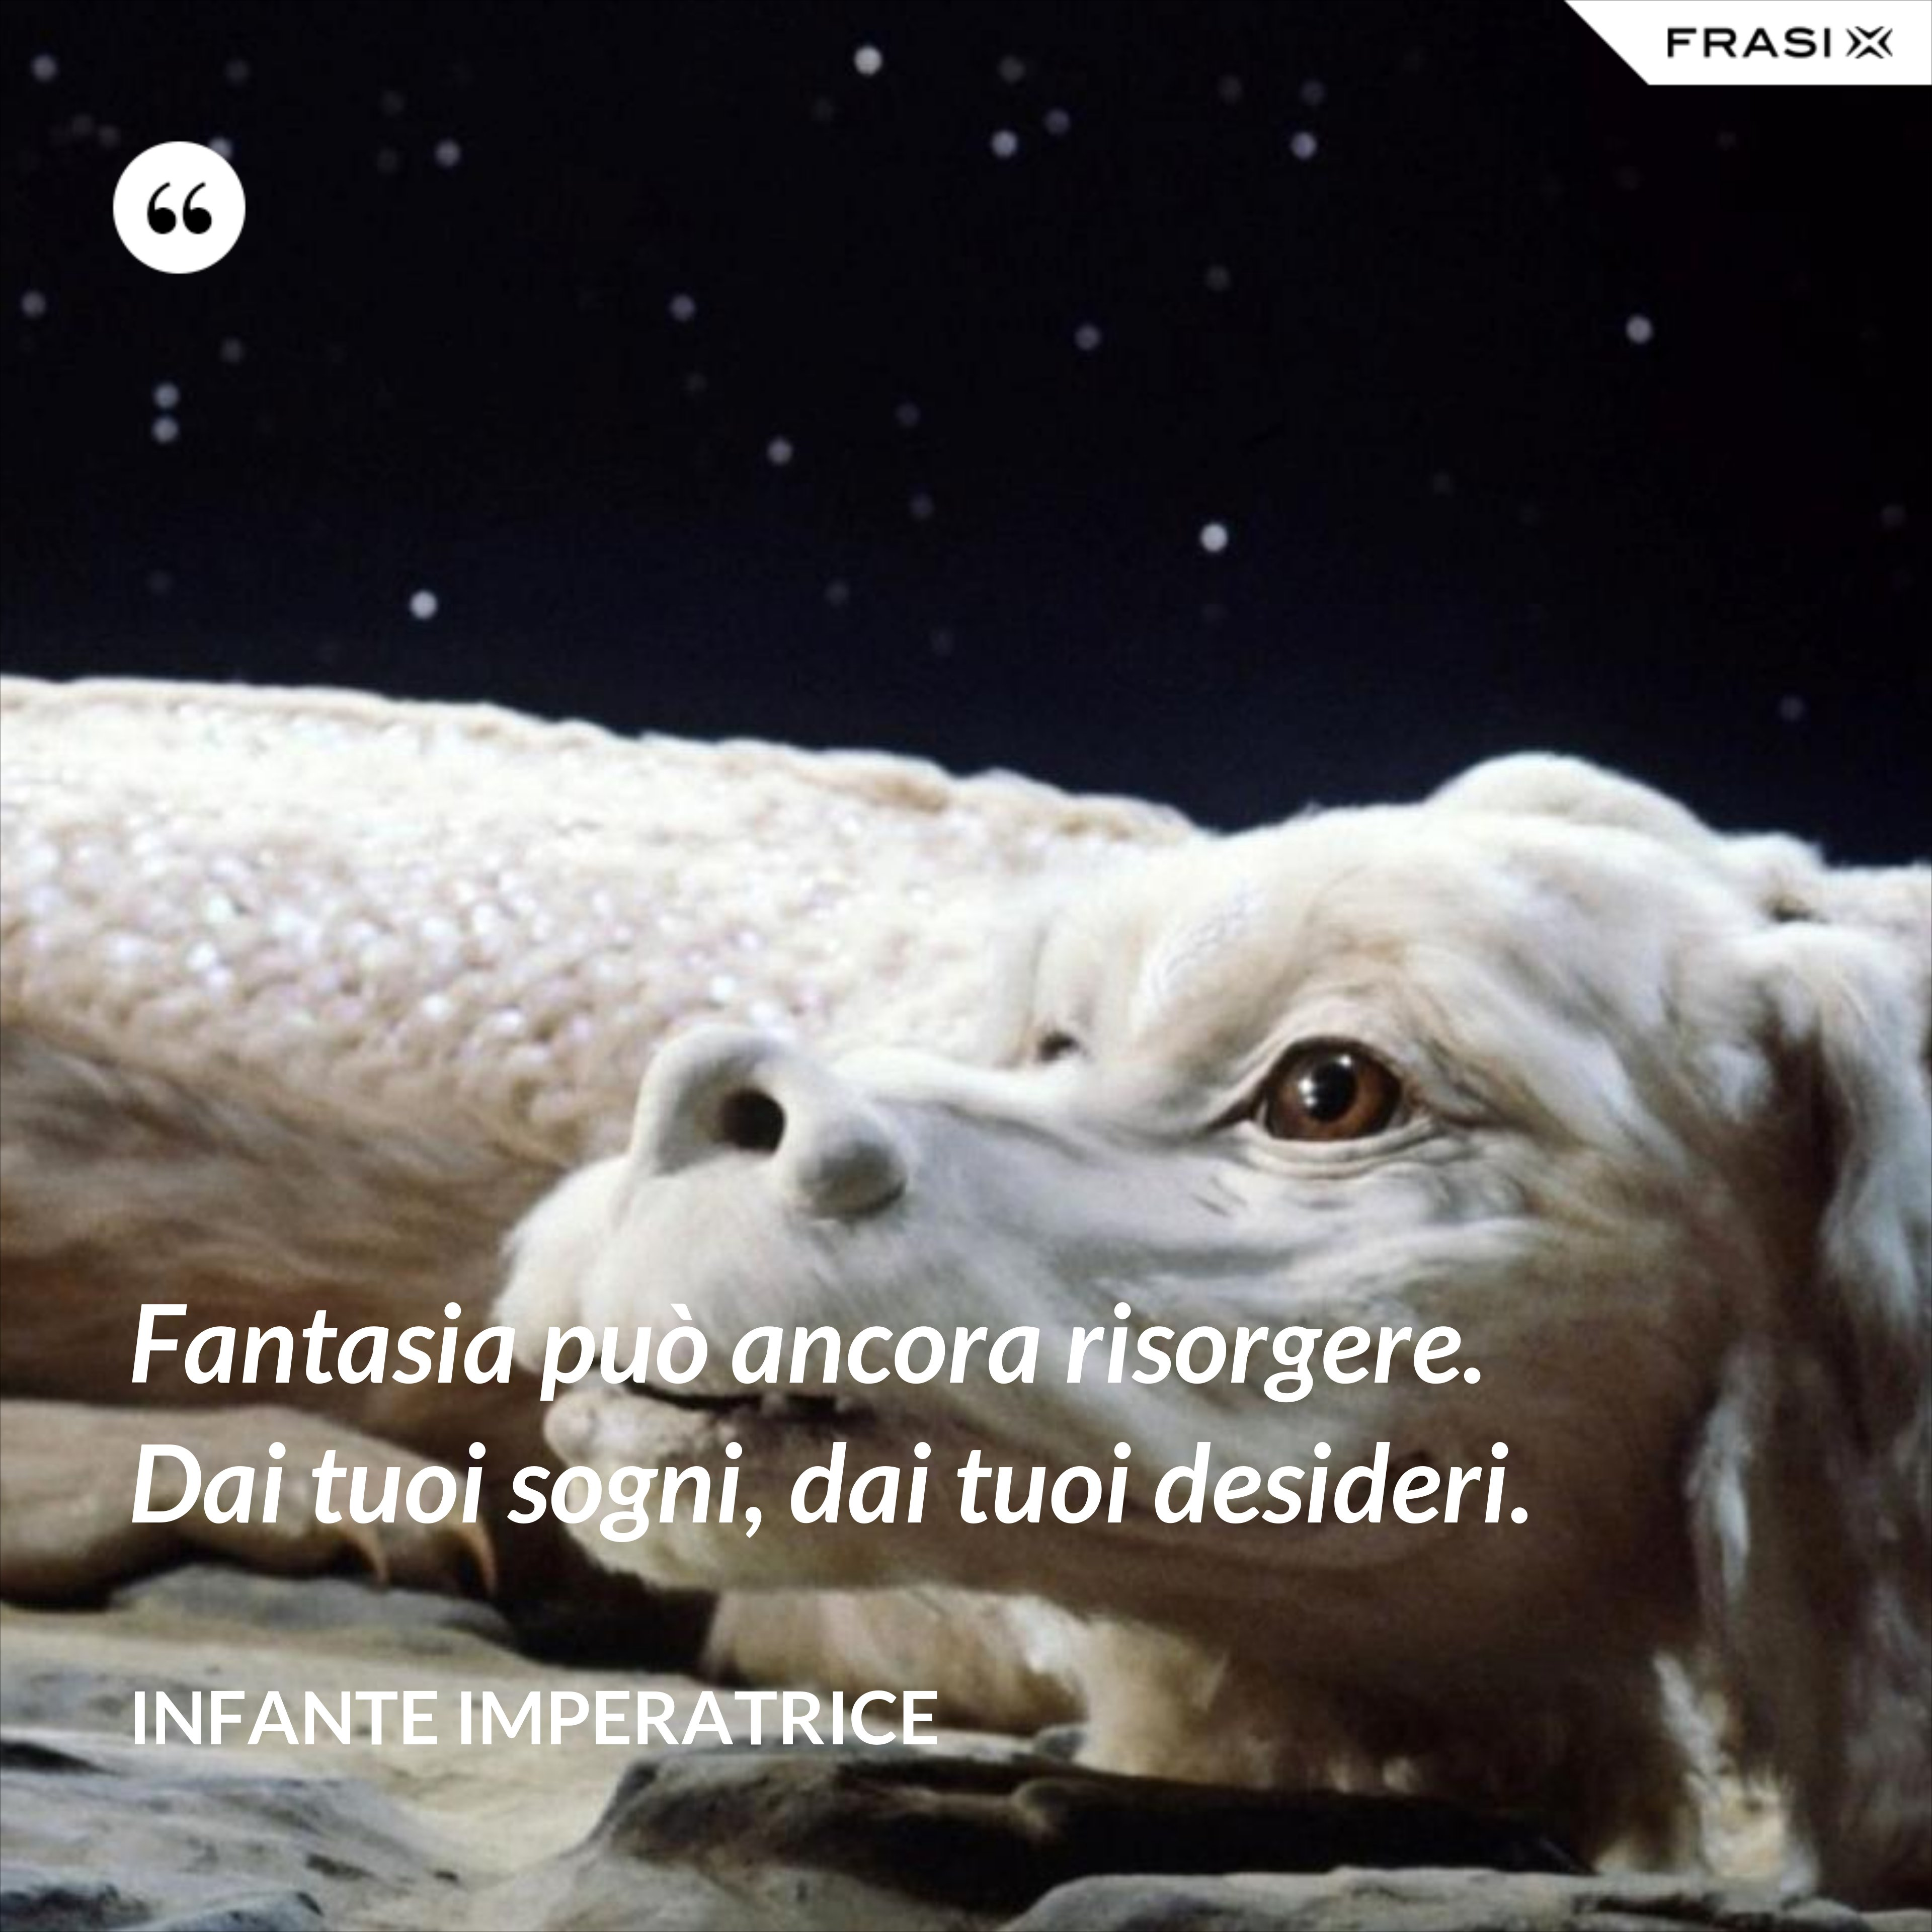 Fantasia può ancora risorgere. Dai tuoi sogni, dai tuoi desideri. - Infante Imperatrice